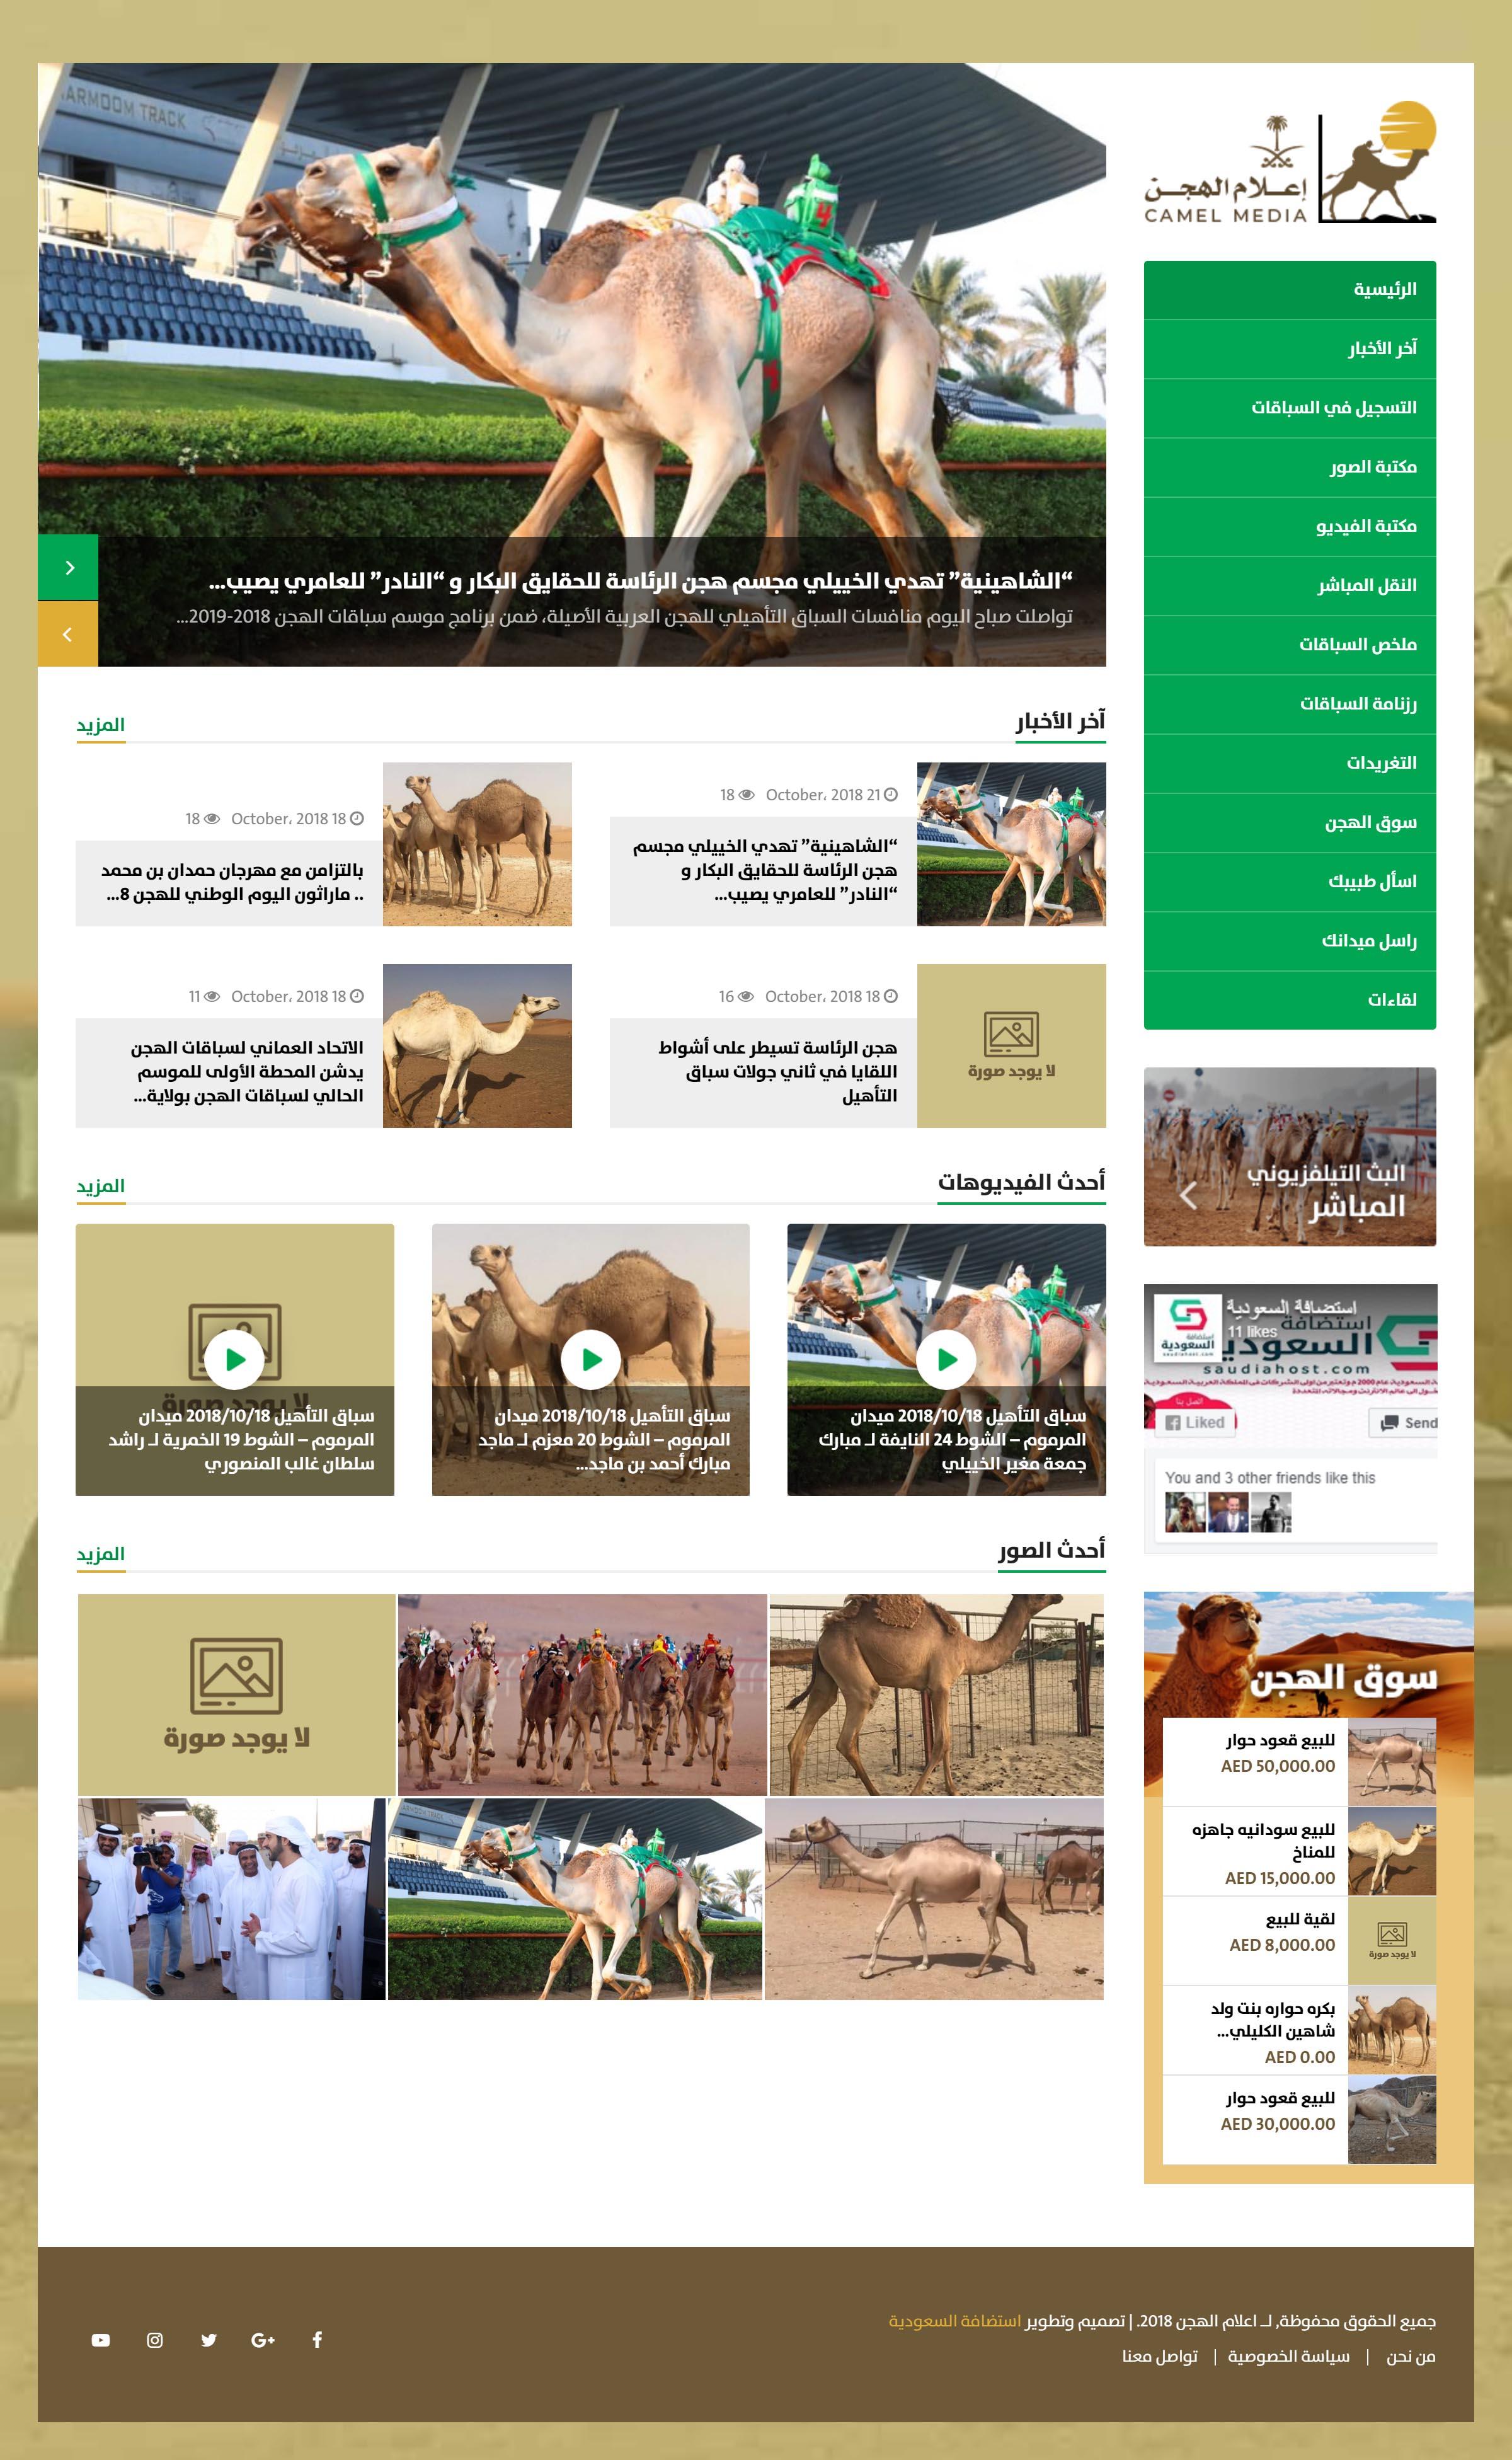 camel media.com